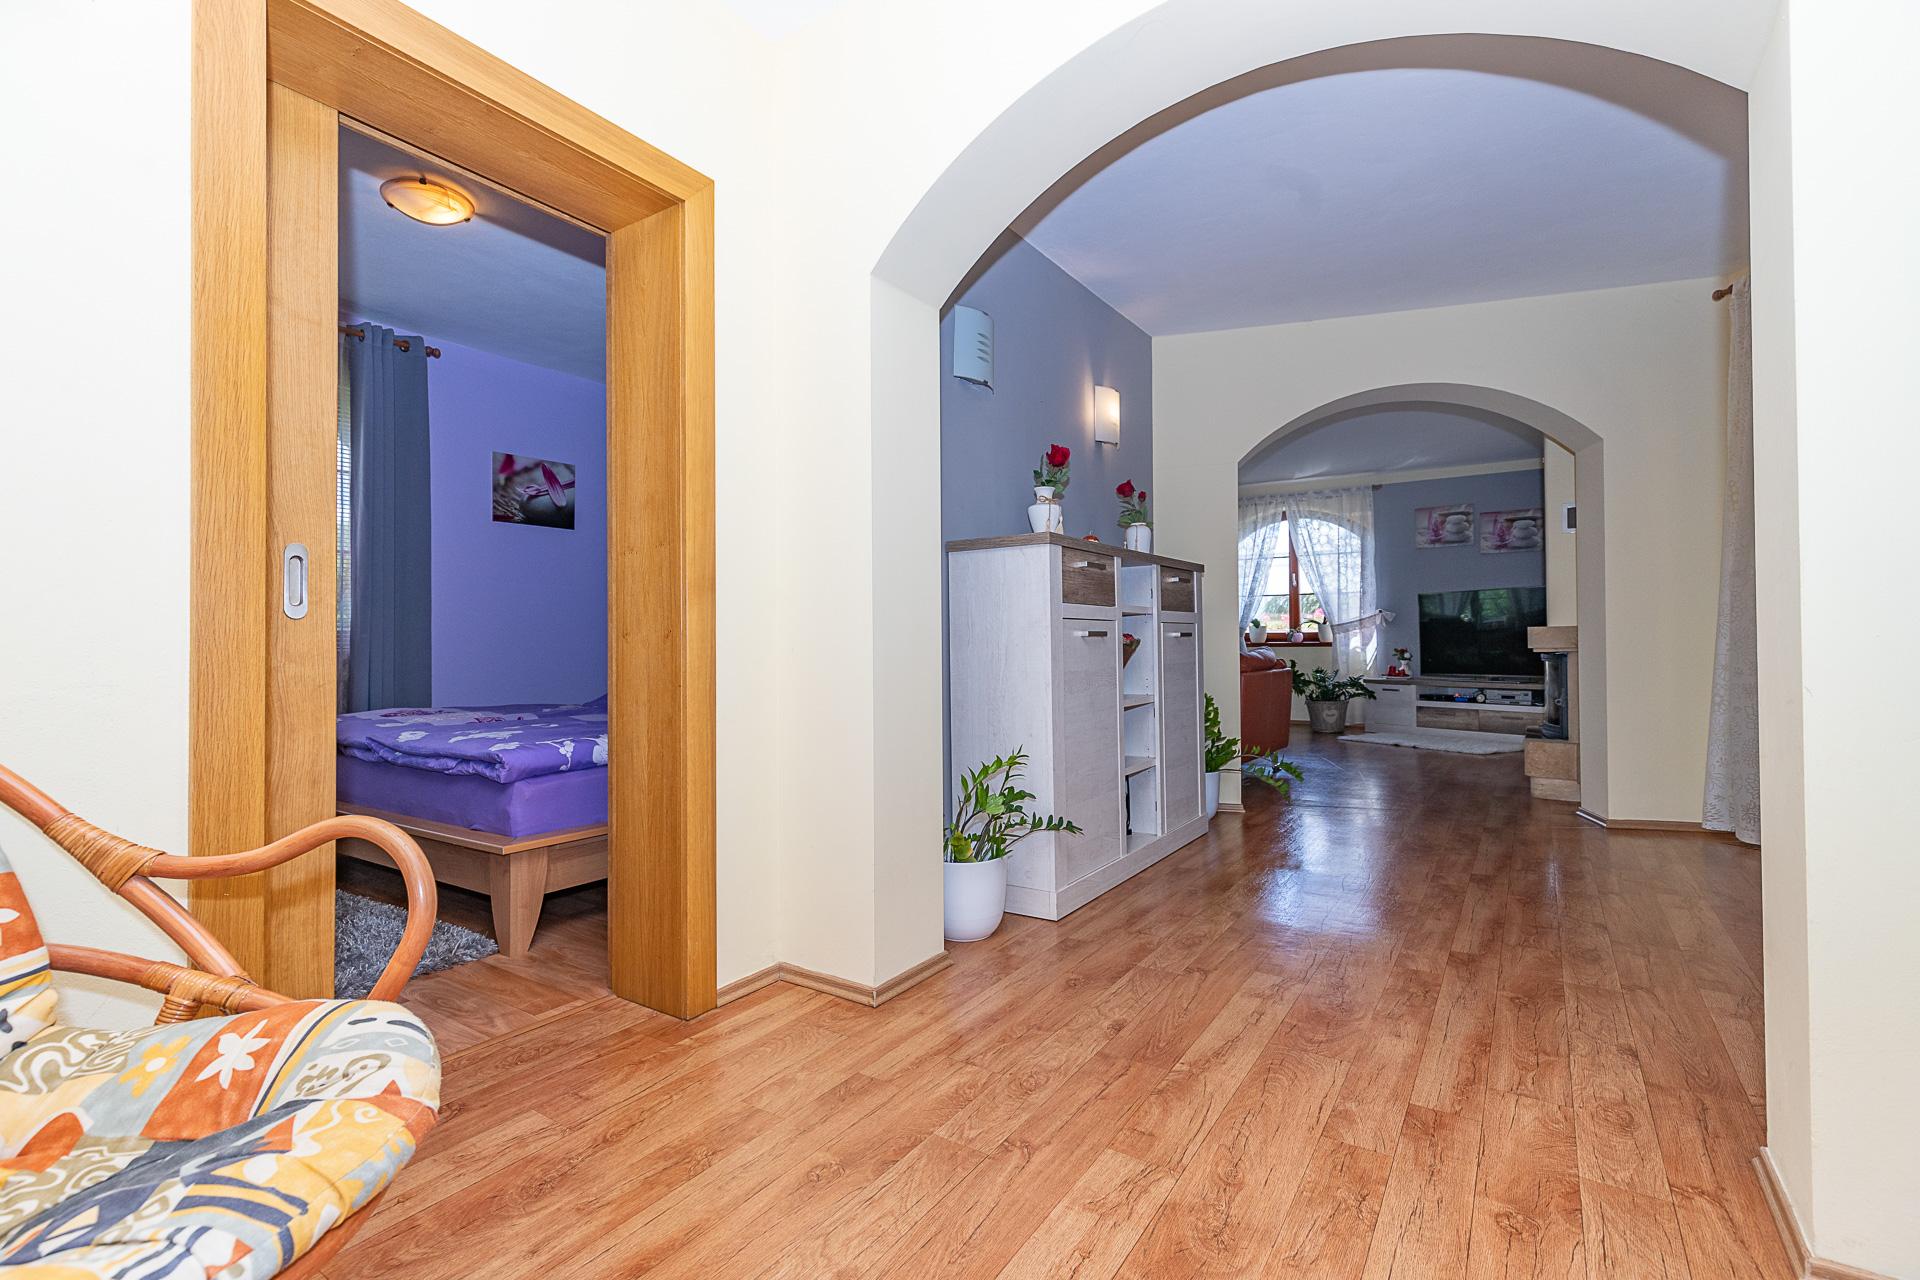 vstupní chodba do obývacího pokoje a ložnice